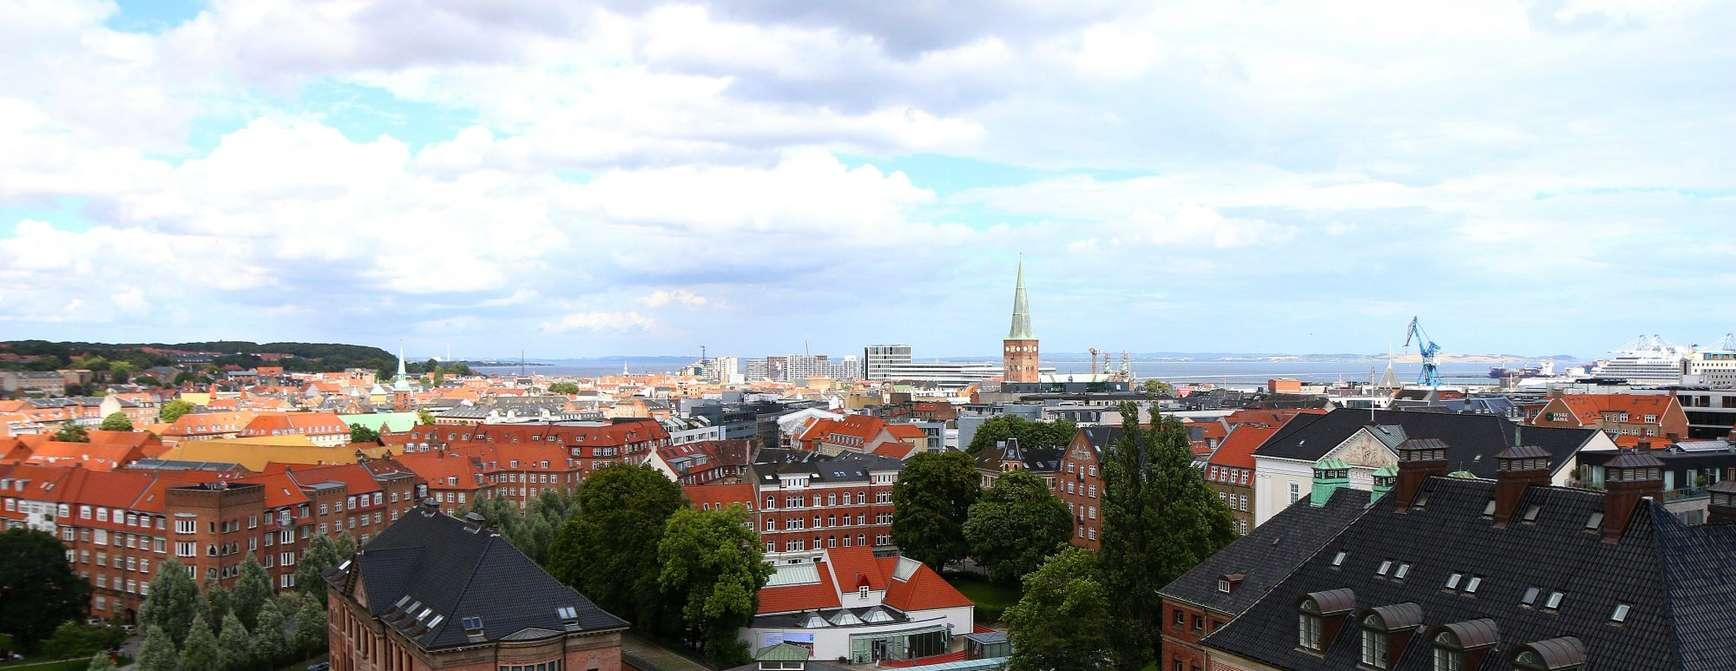 Du trenger ikke reise lenger enn til Danmark for å nyte storbyferie